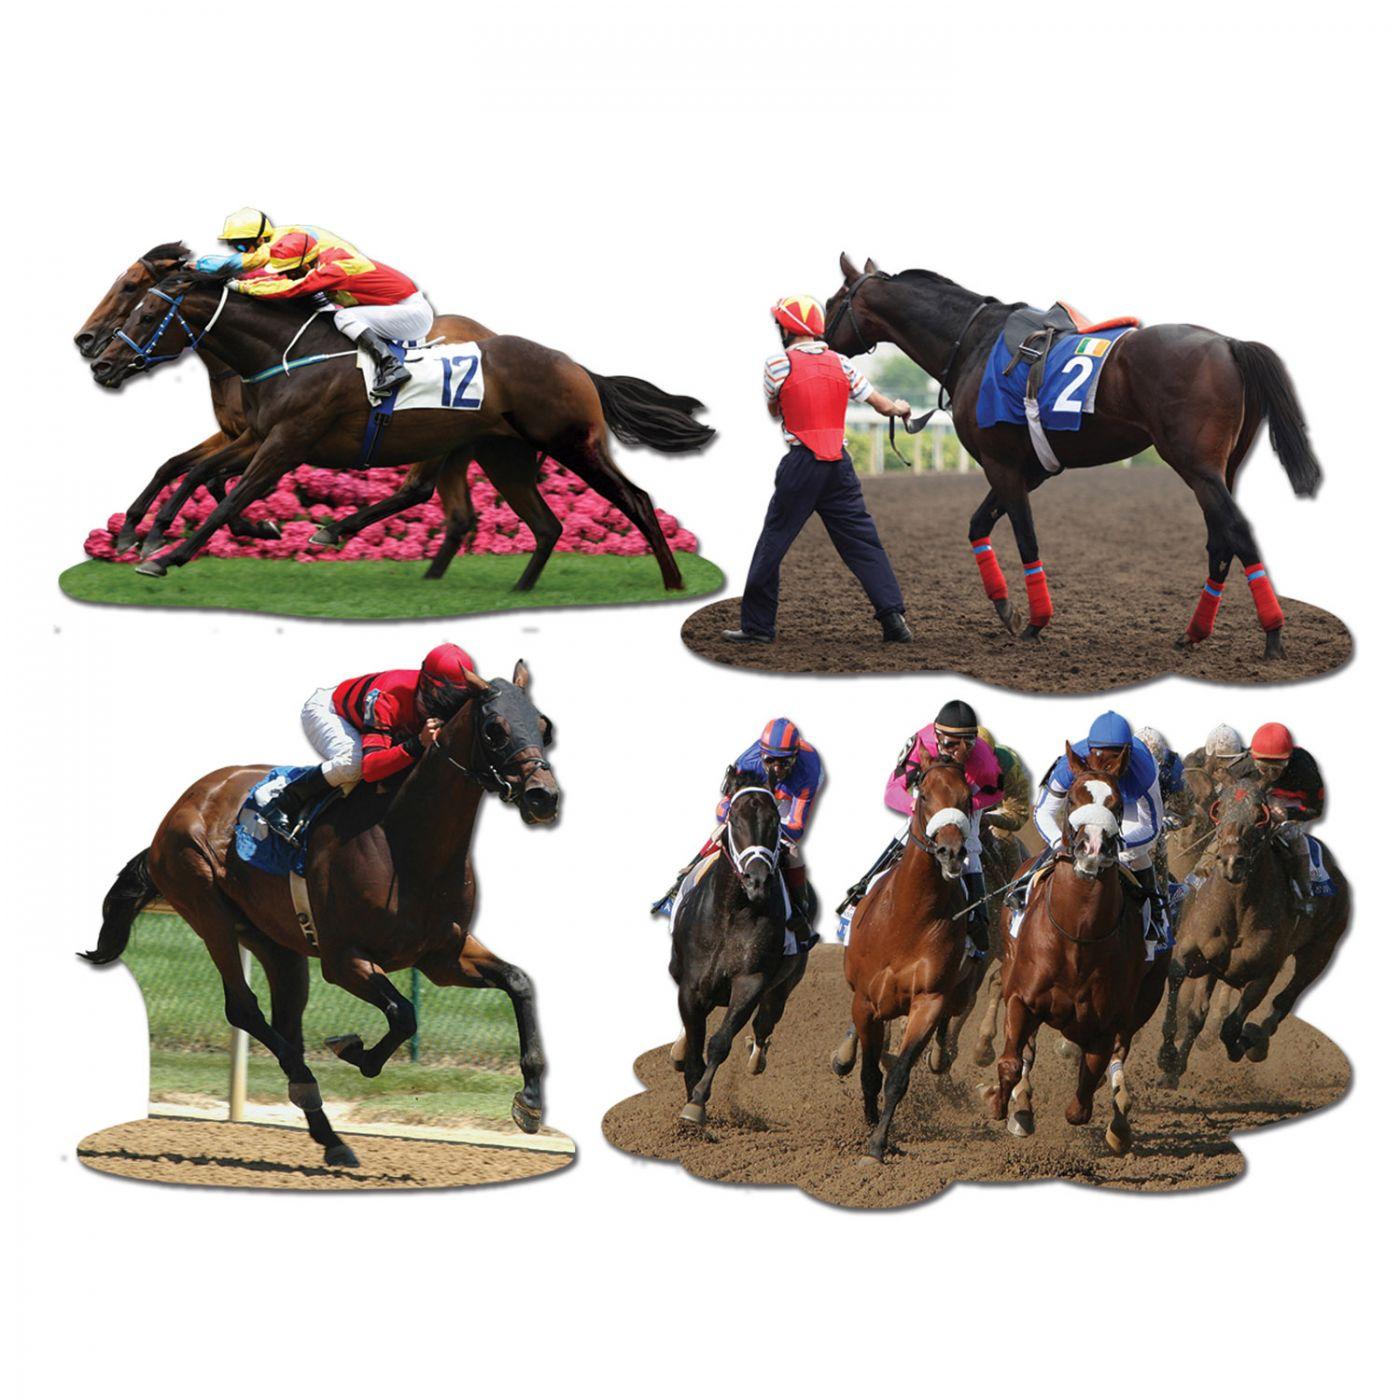 Image of Horse Racing Cutouts